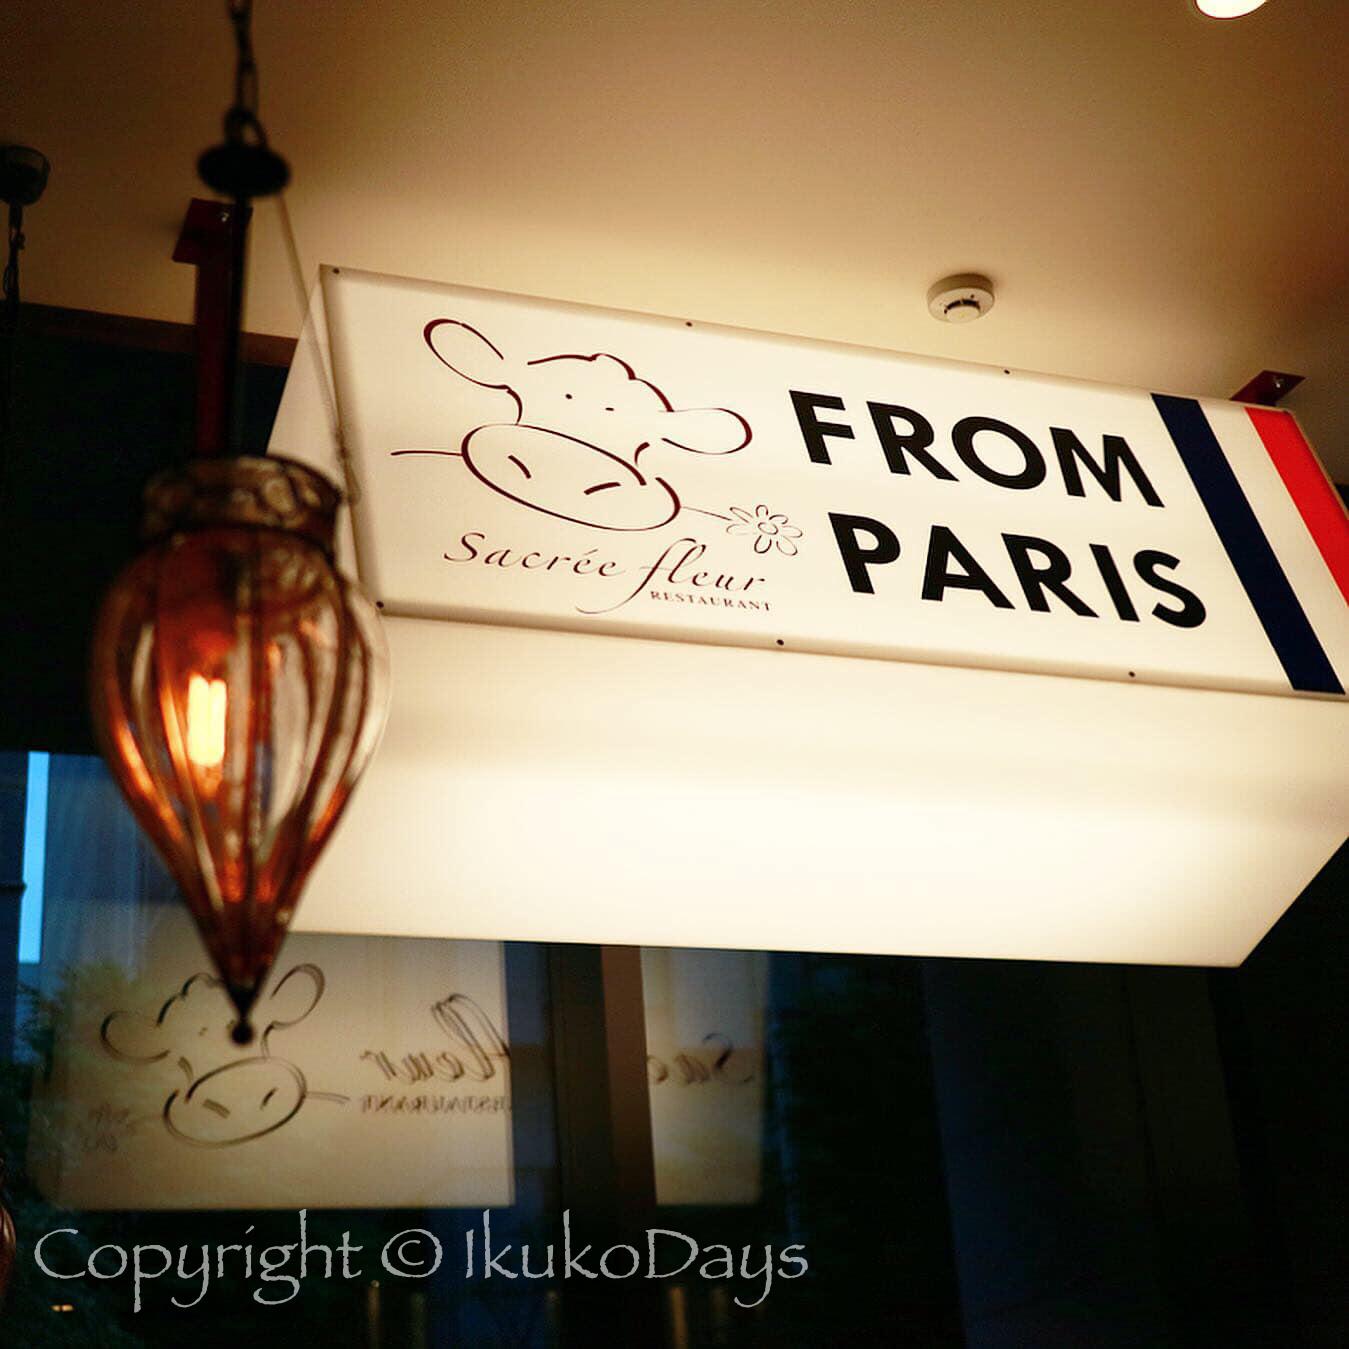 パリで連日行列必須の肉ビストロが 日本橋 にオープン:『サクレフルール 日本橋店』日本橋_d0114093_04464112.jpg